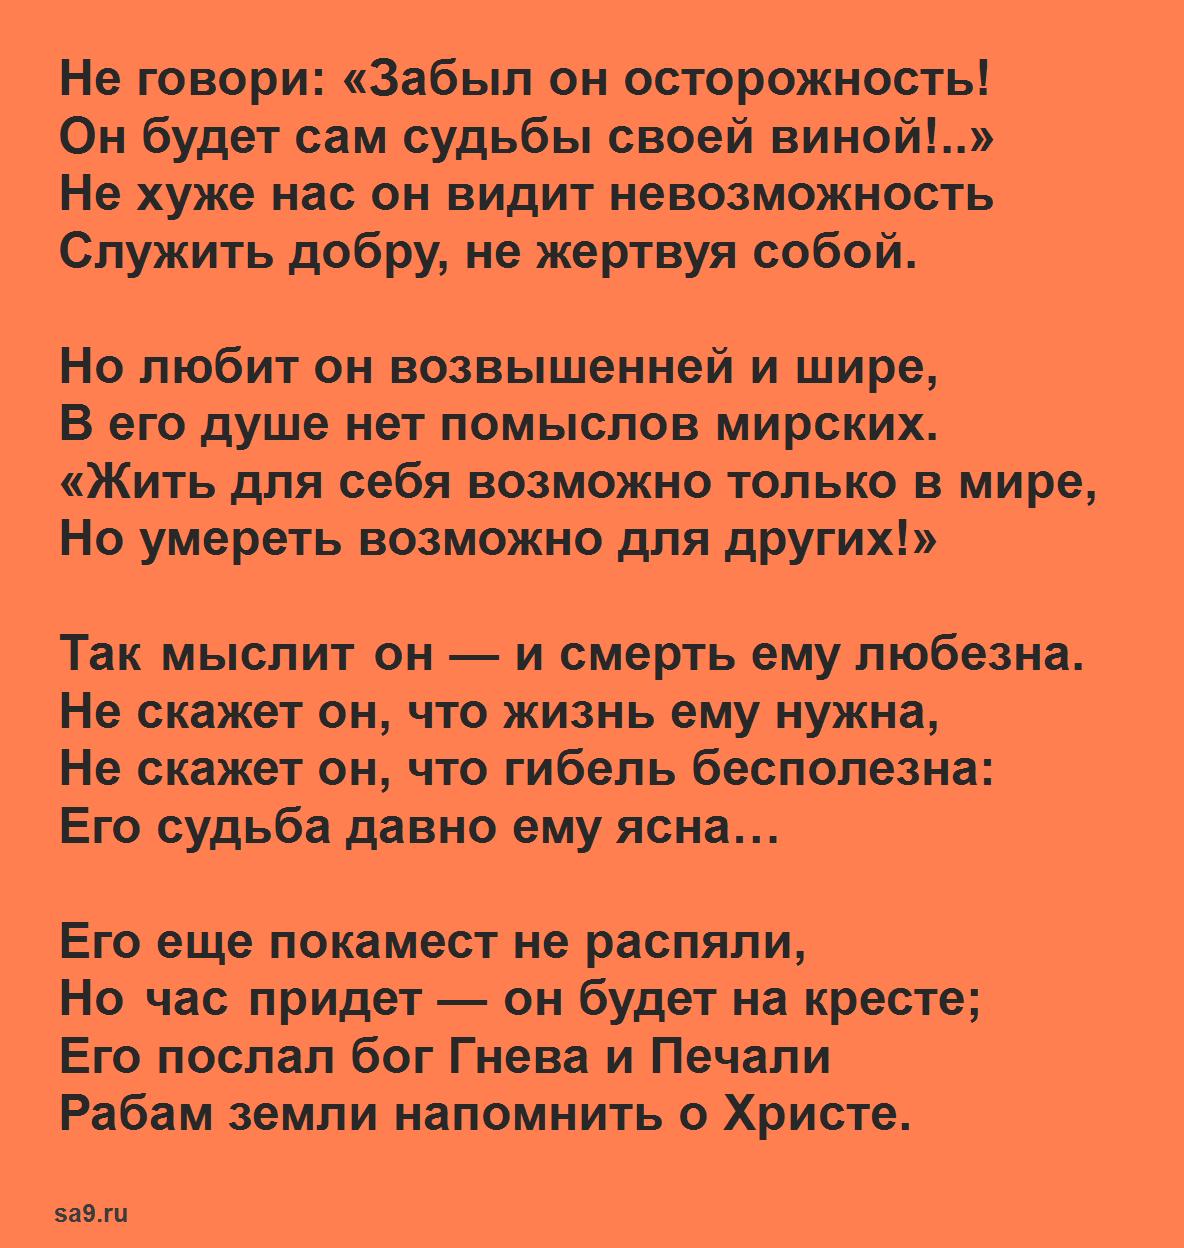 Лучшие стихи Некрасова 16 строк - Пророк